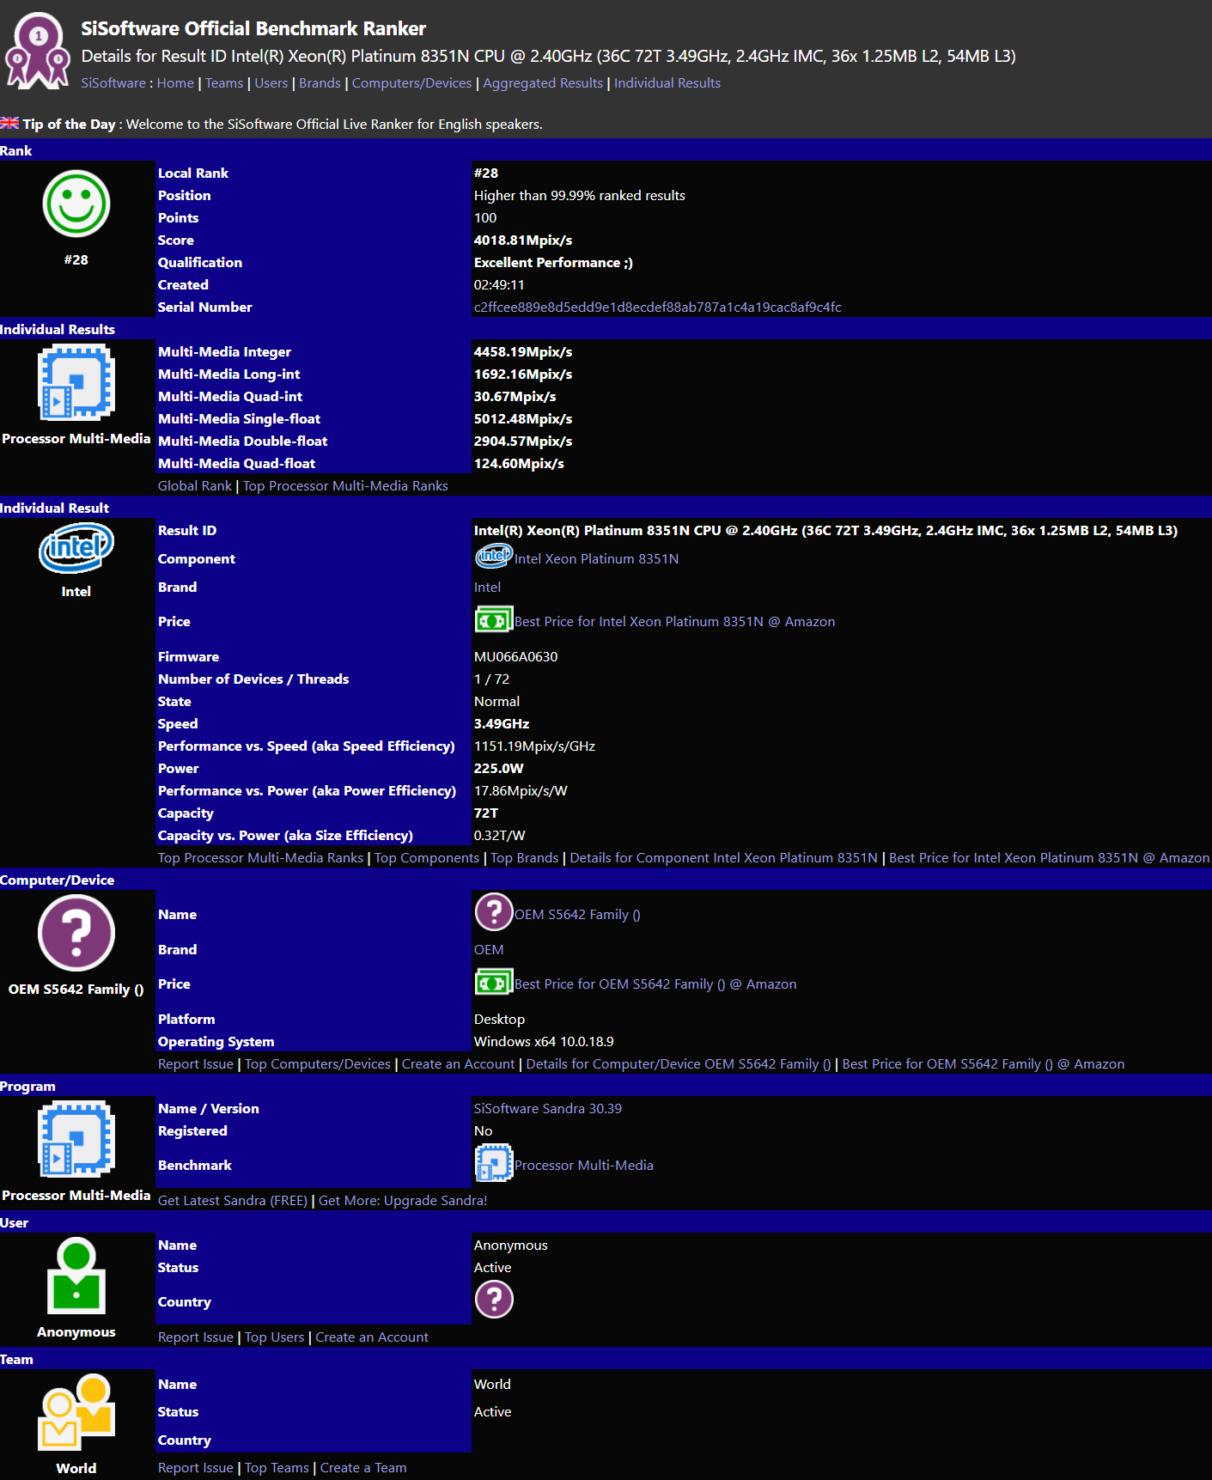 intel-xeon-platinum-8351n-ice-lake-sp-3rd-gen-cpu-benchmarks-leak-_2